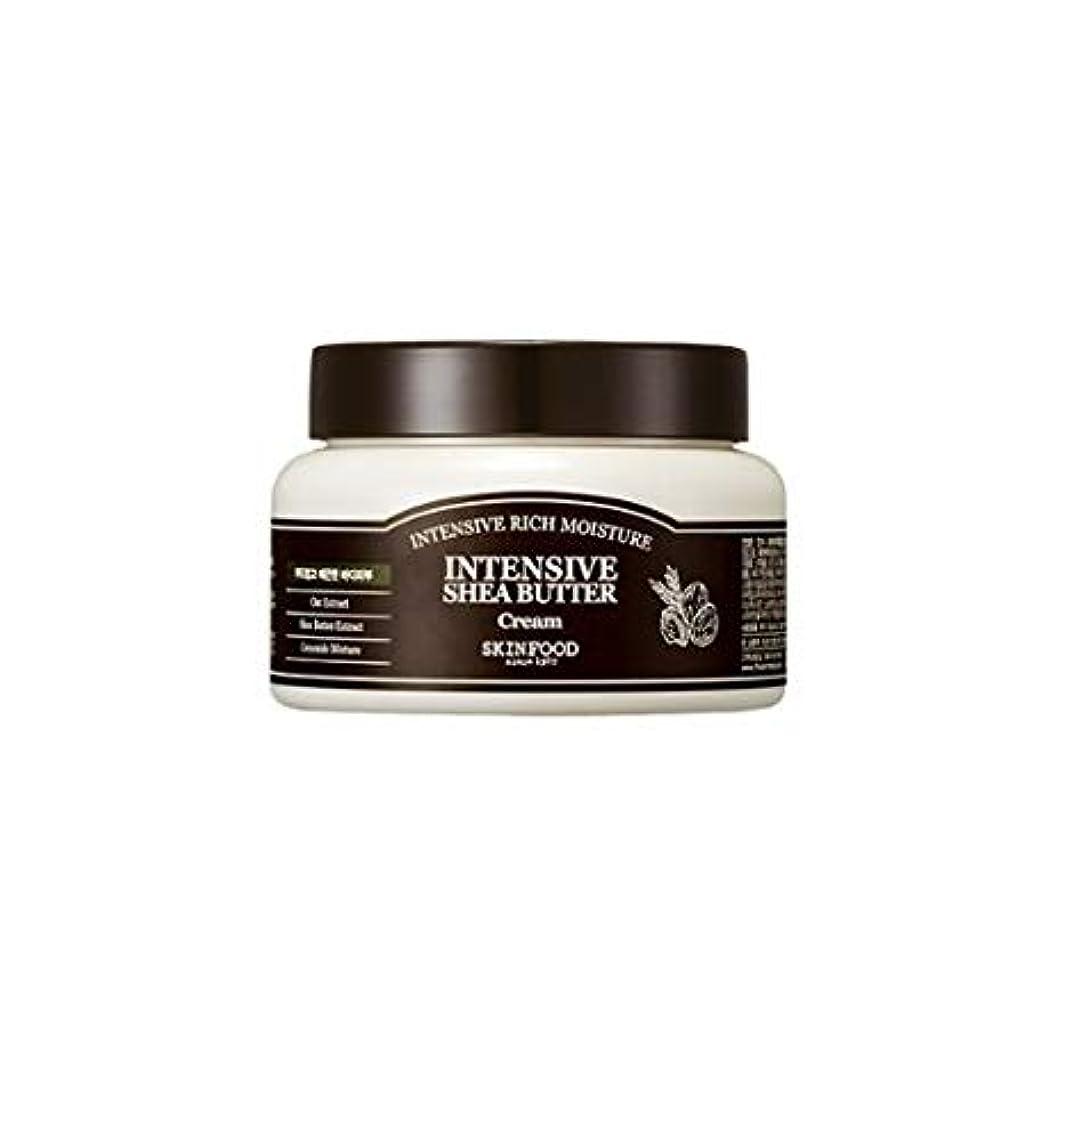 犯すオンス扇動するSkinfood 集中シアバタークリーム/Intensive Shea Butter Cream 225ml [並行輸入品]